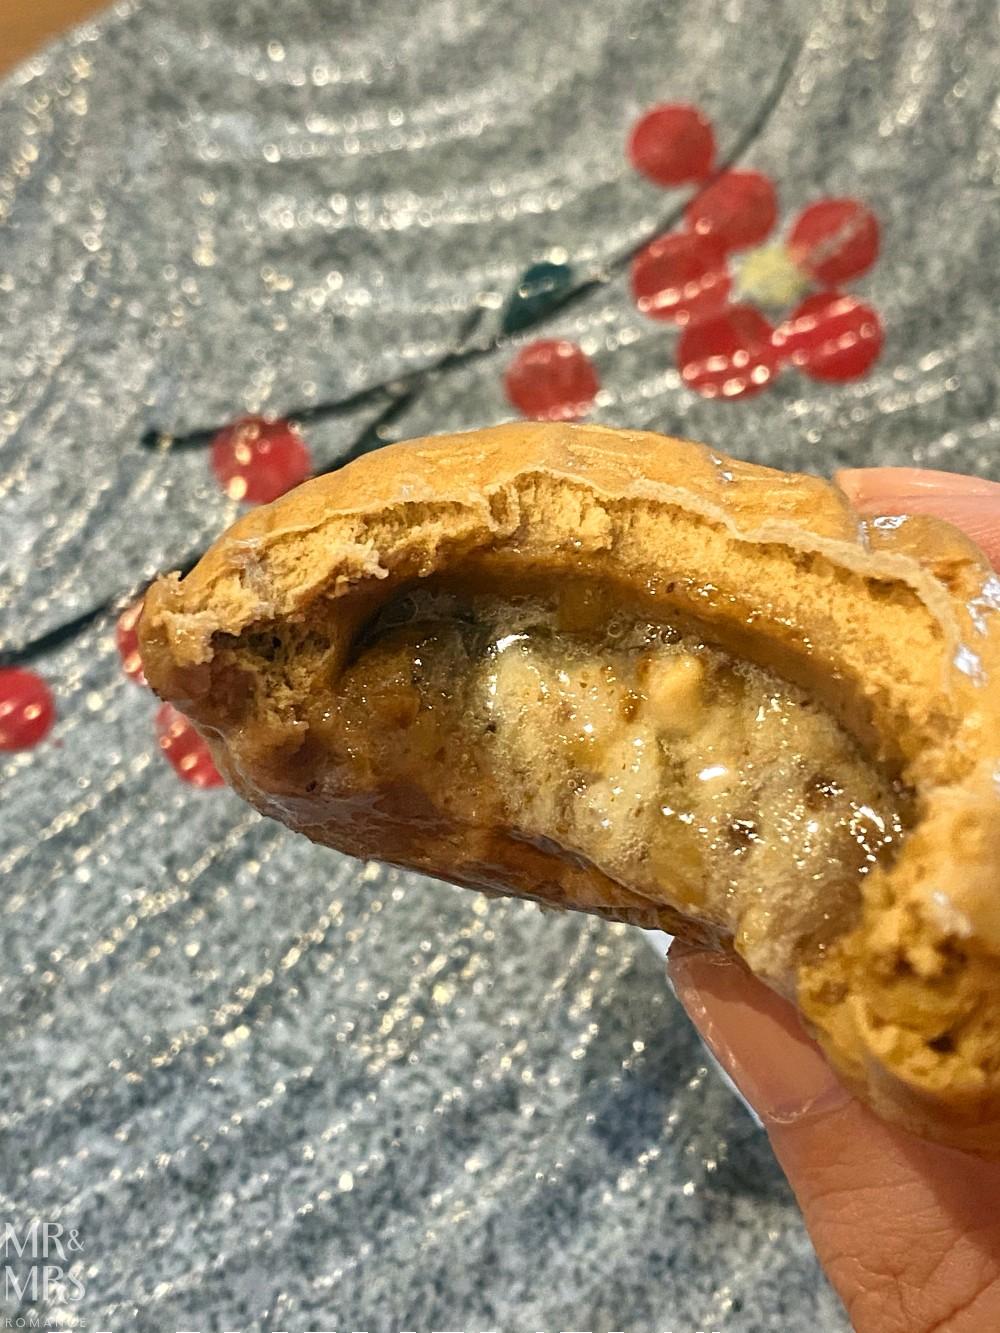 Hurstville food tour with Taste Cultural Food Tours - inside walnut bao